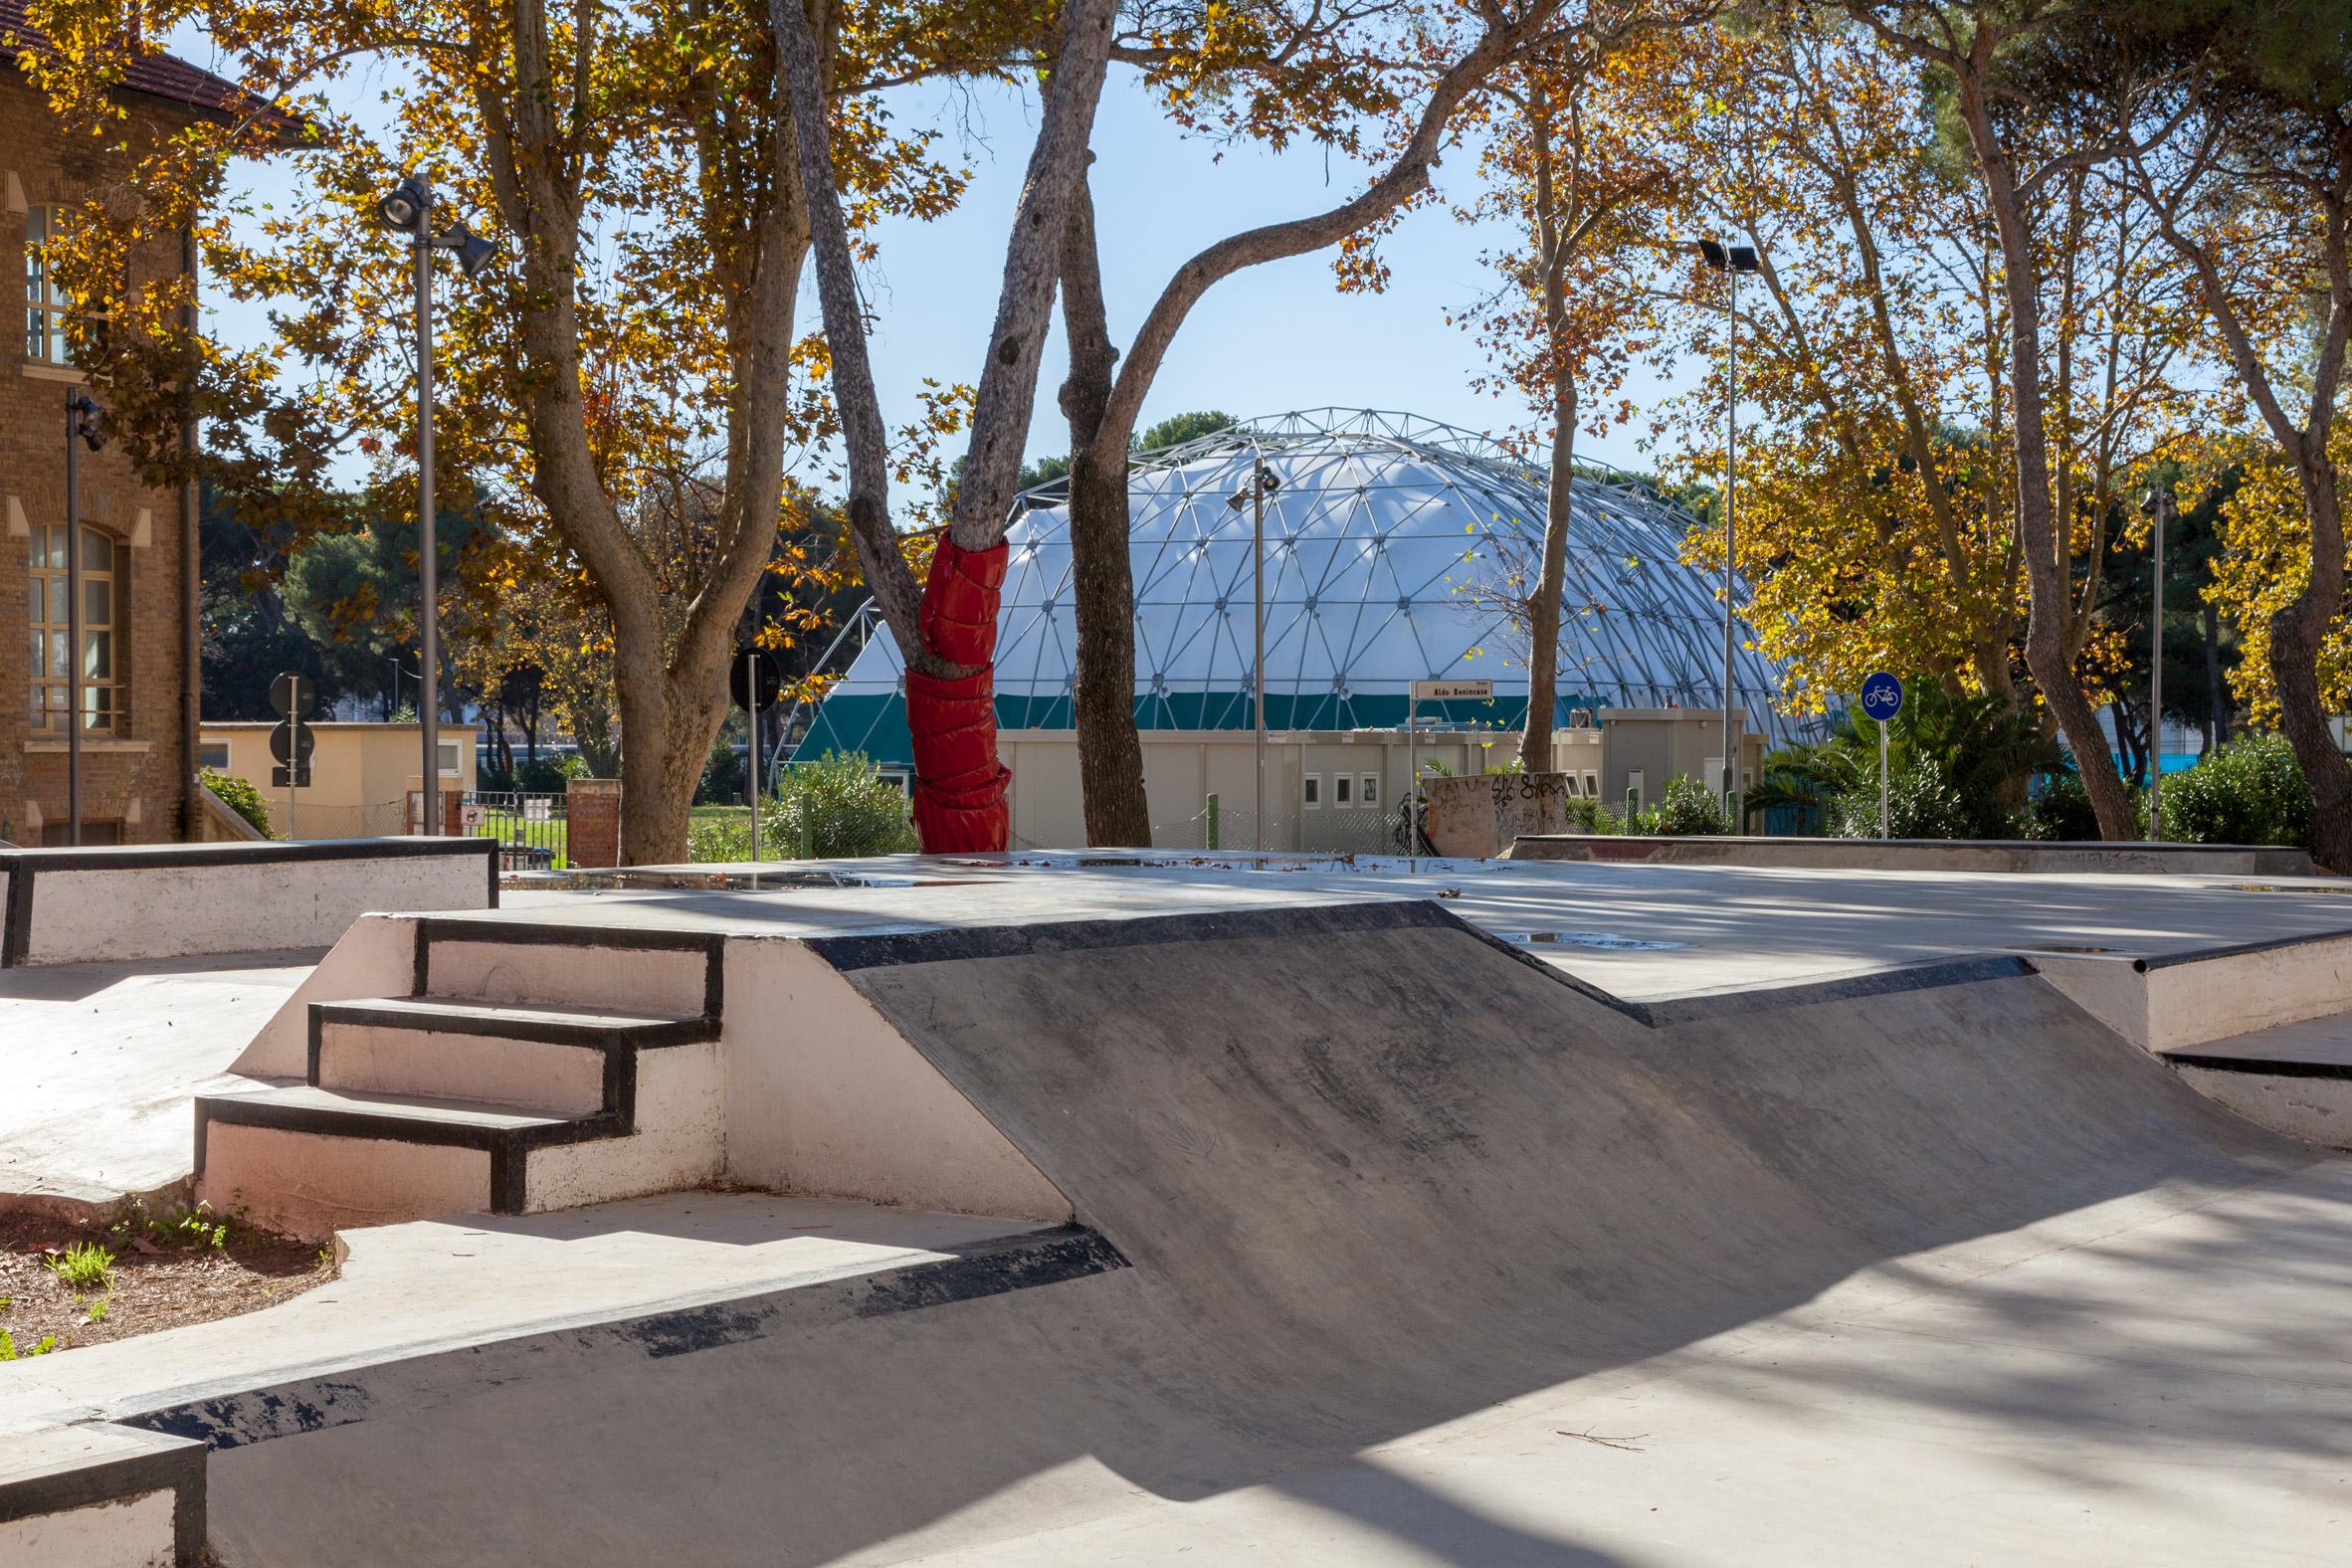 A public skatepark in Piazza della Repubblica